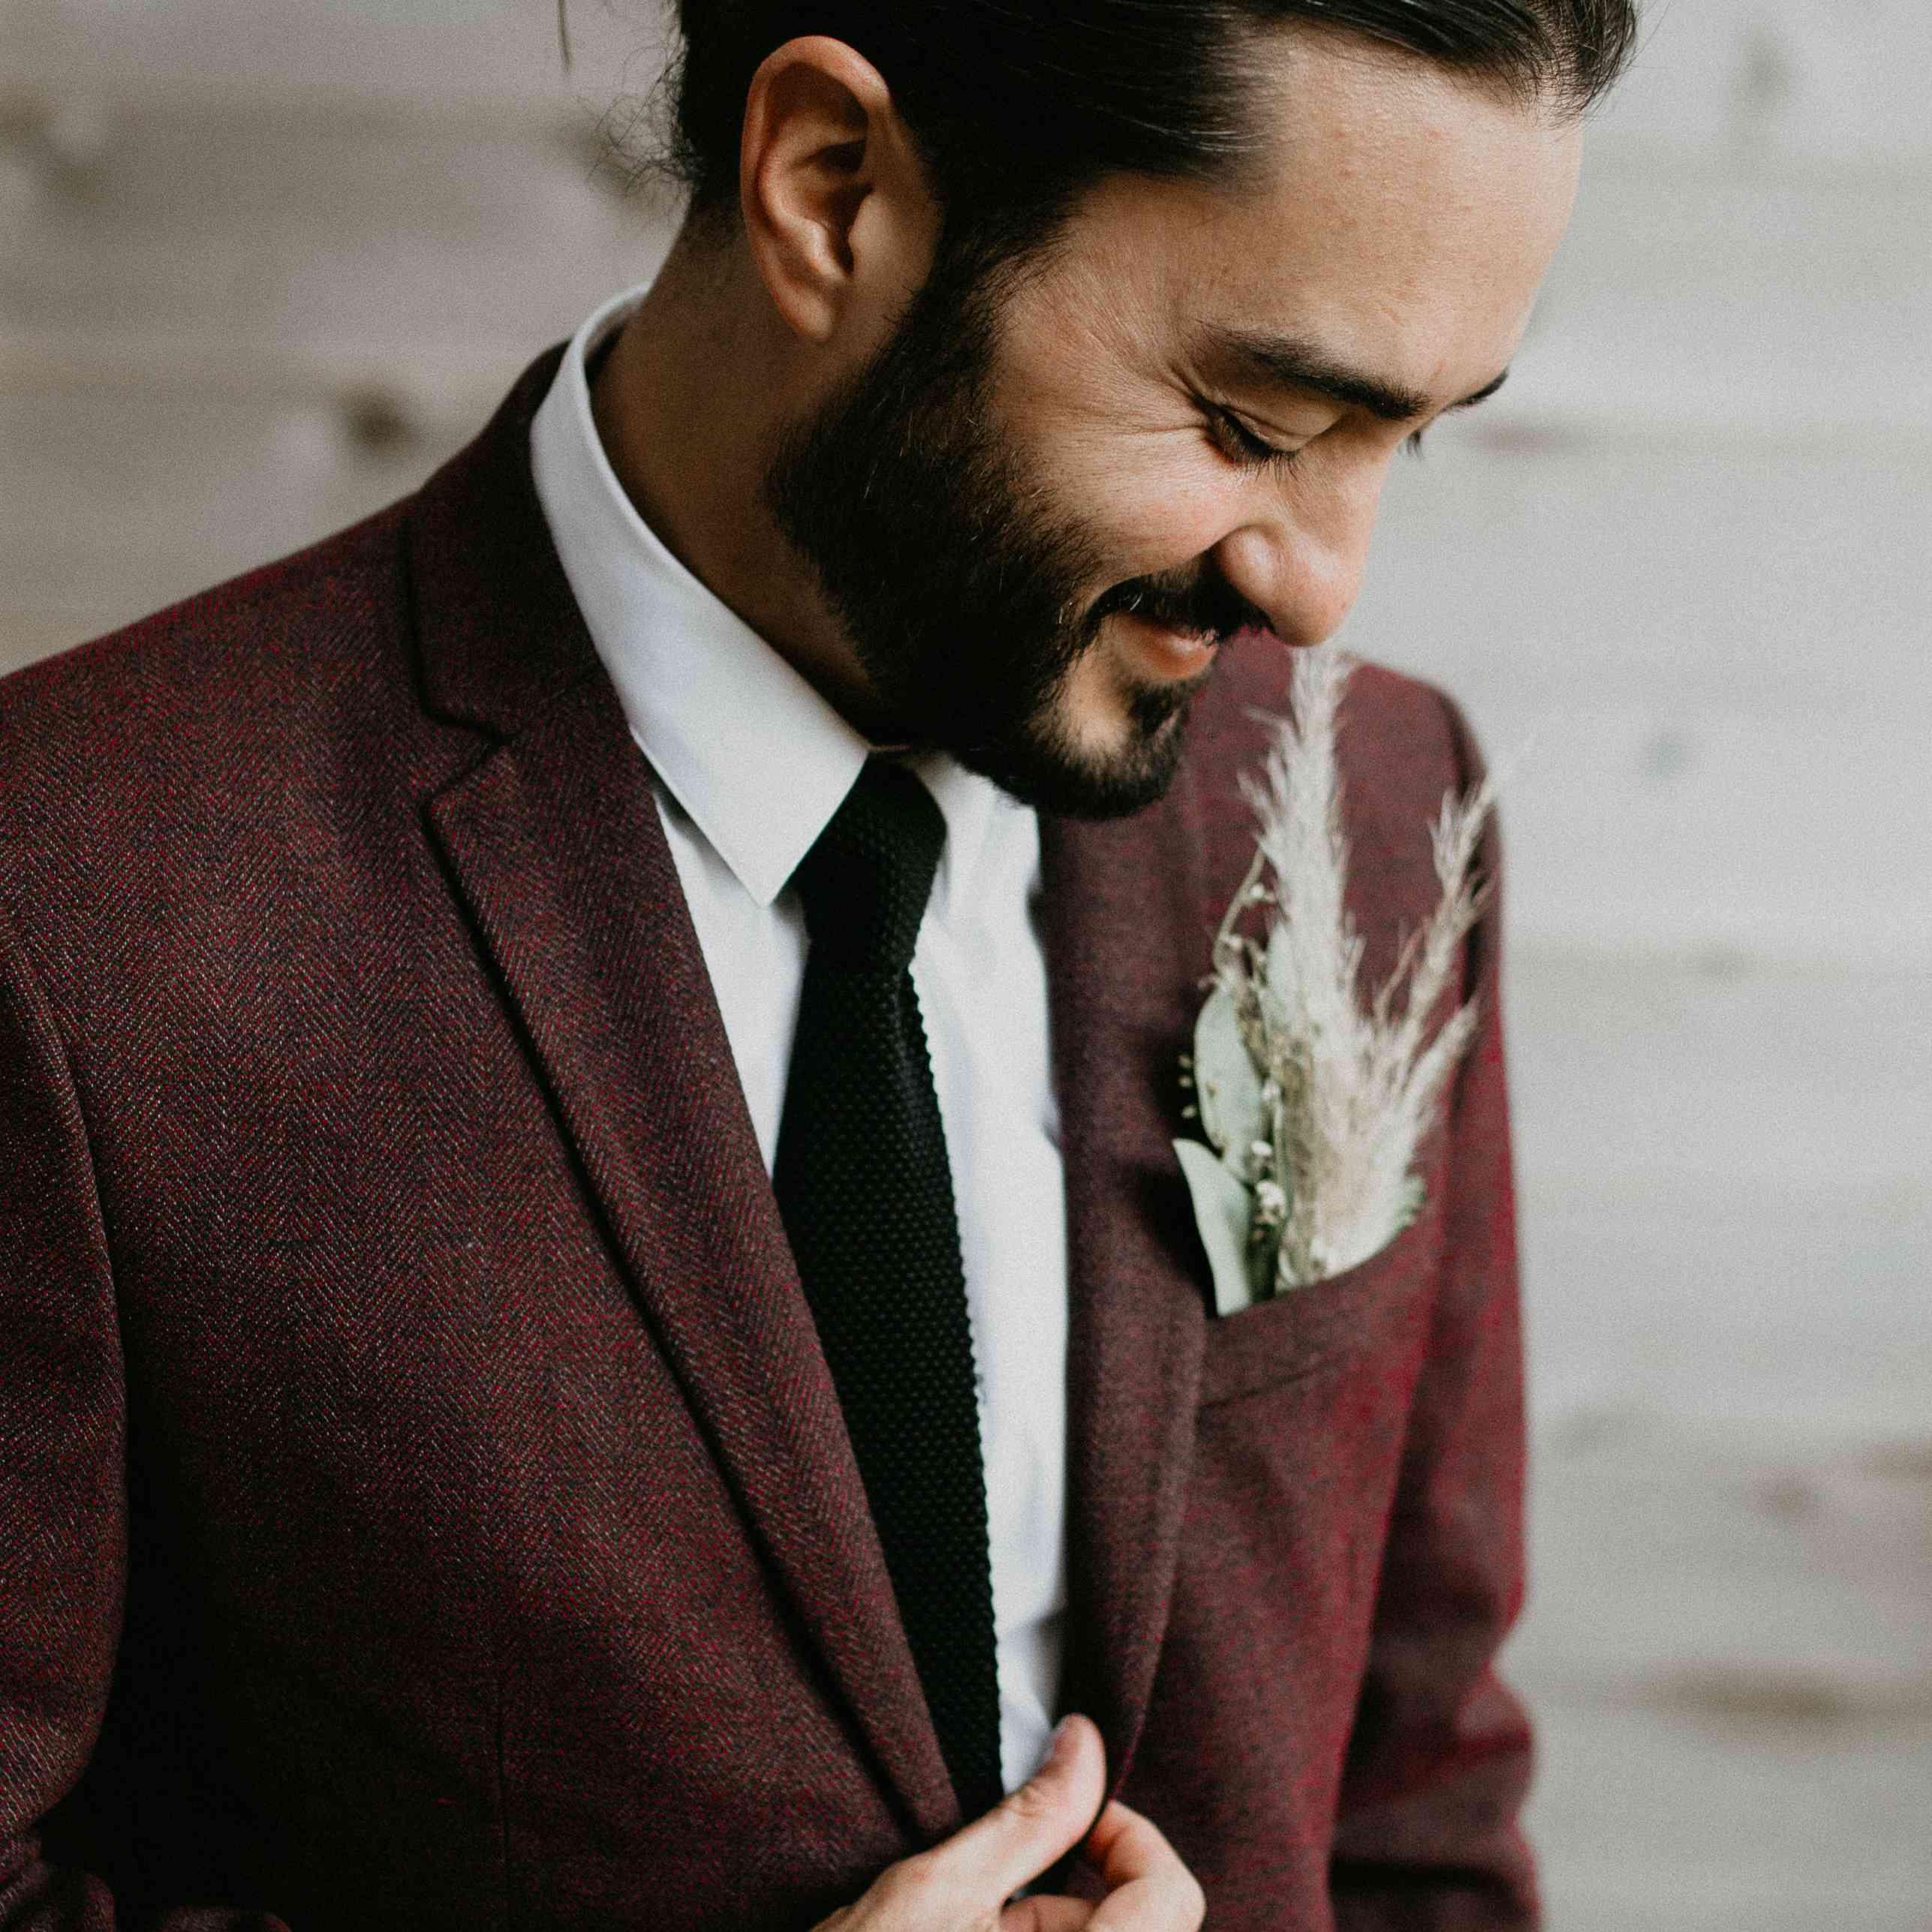 <p>groom man bun burgundy suit</p><br><br>